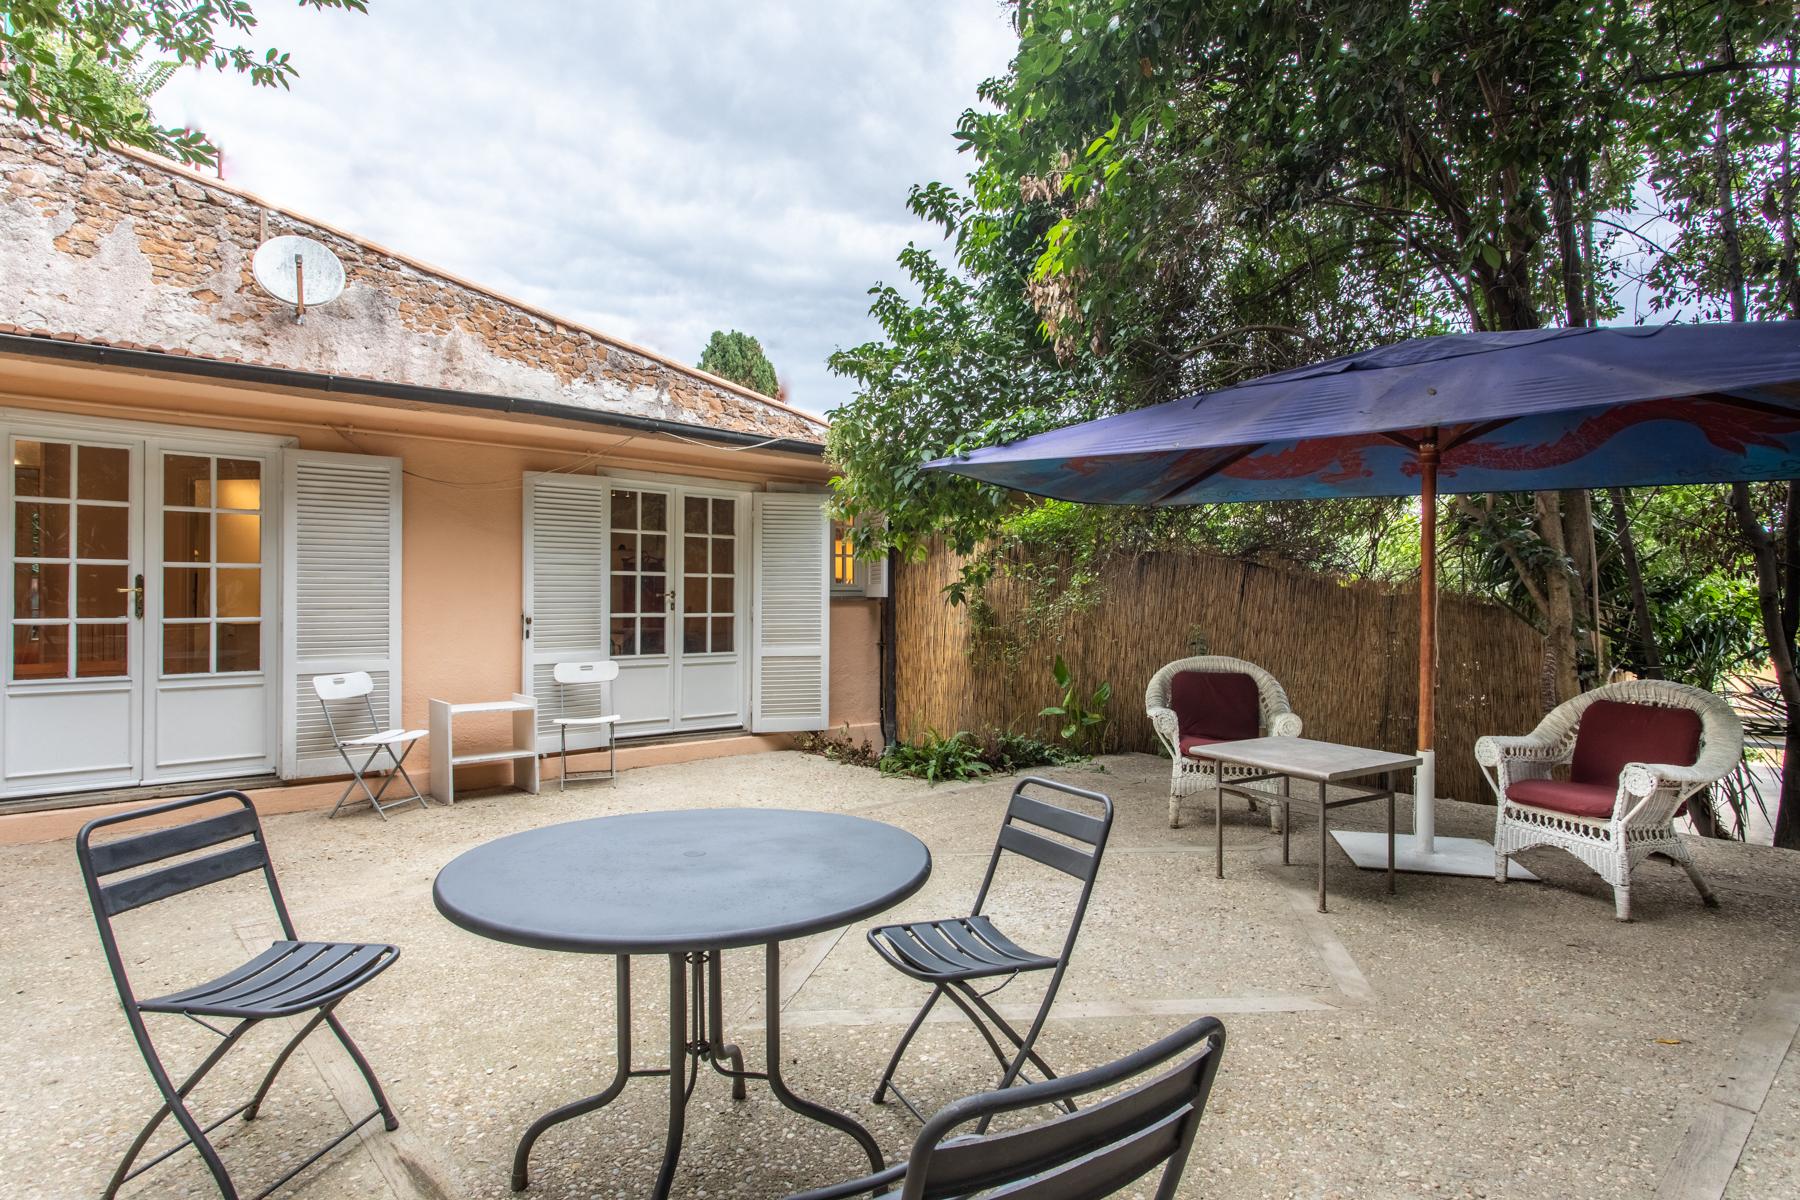 Casa indipendente in Affitto a Roma 28 Trastevere / Testaccio: 2 locali, 60 mq